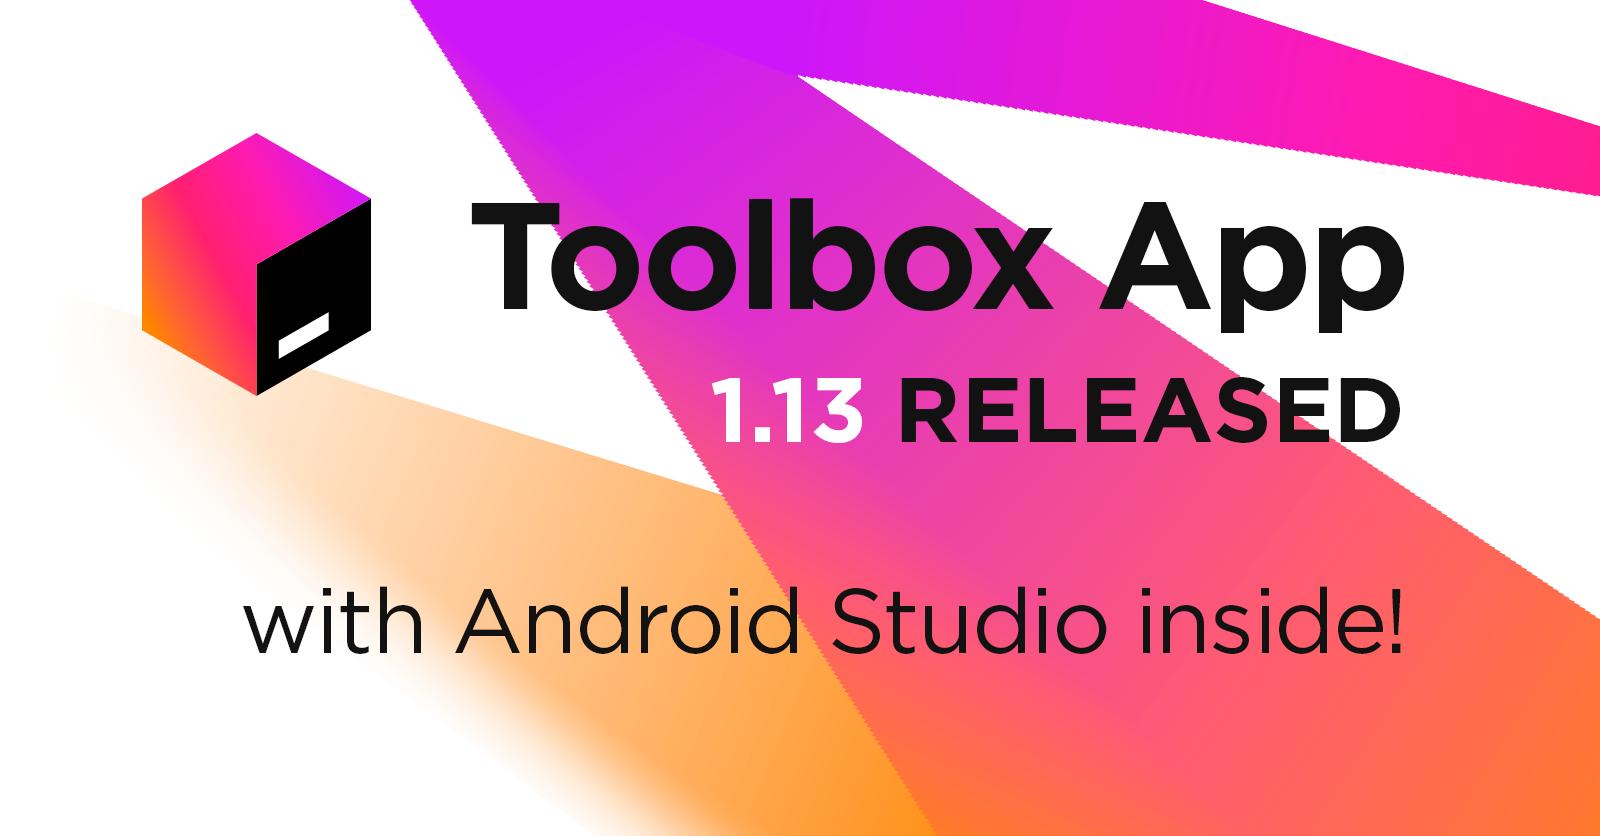 Toolbox App 1.13 Released!